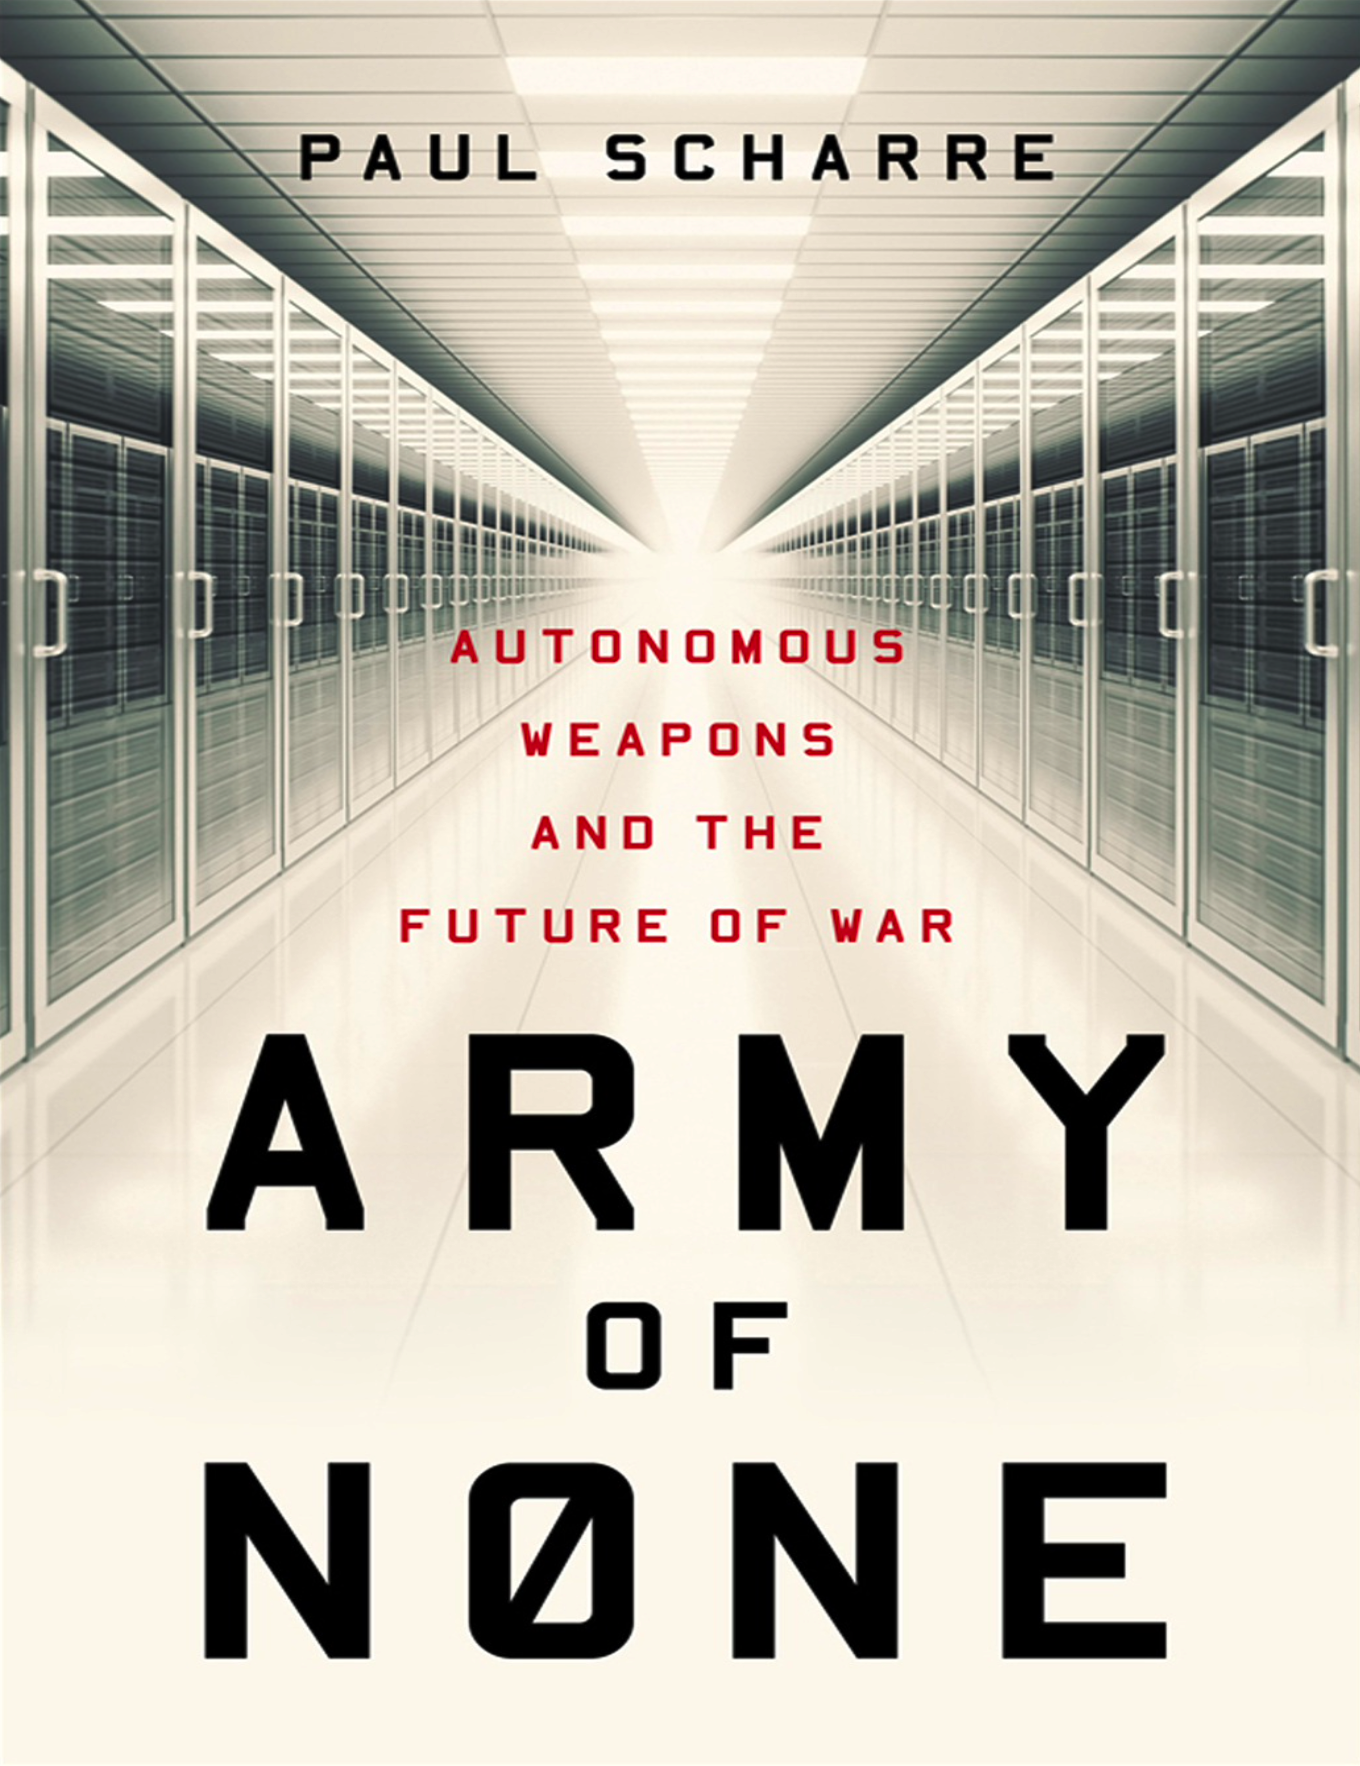 [英]Army of None: Autonomous Weapons and the Future of War